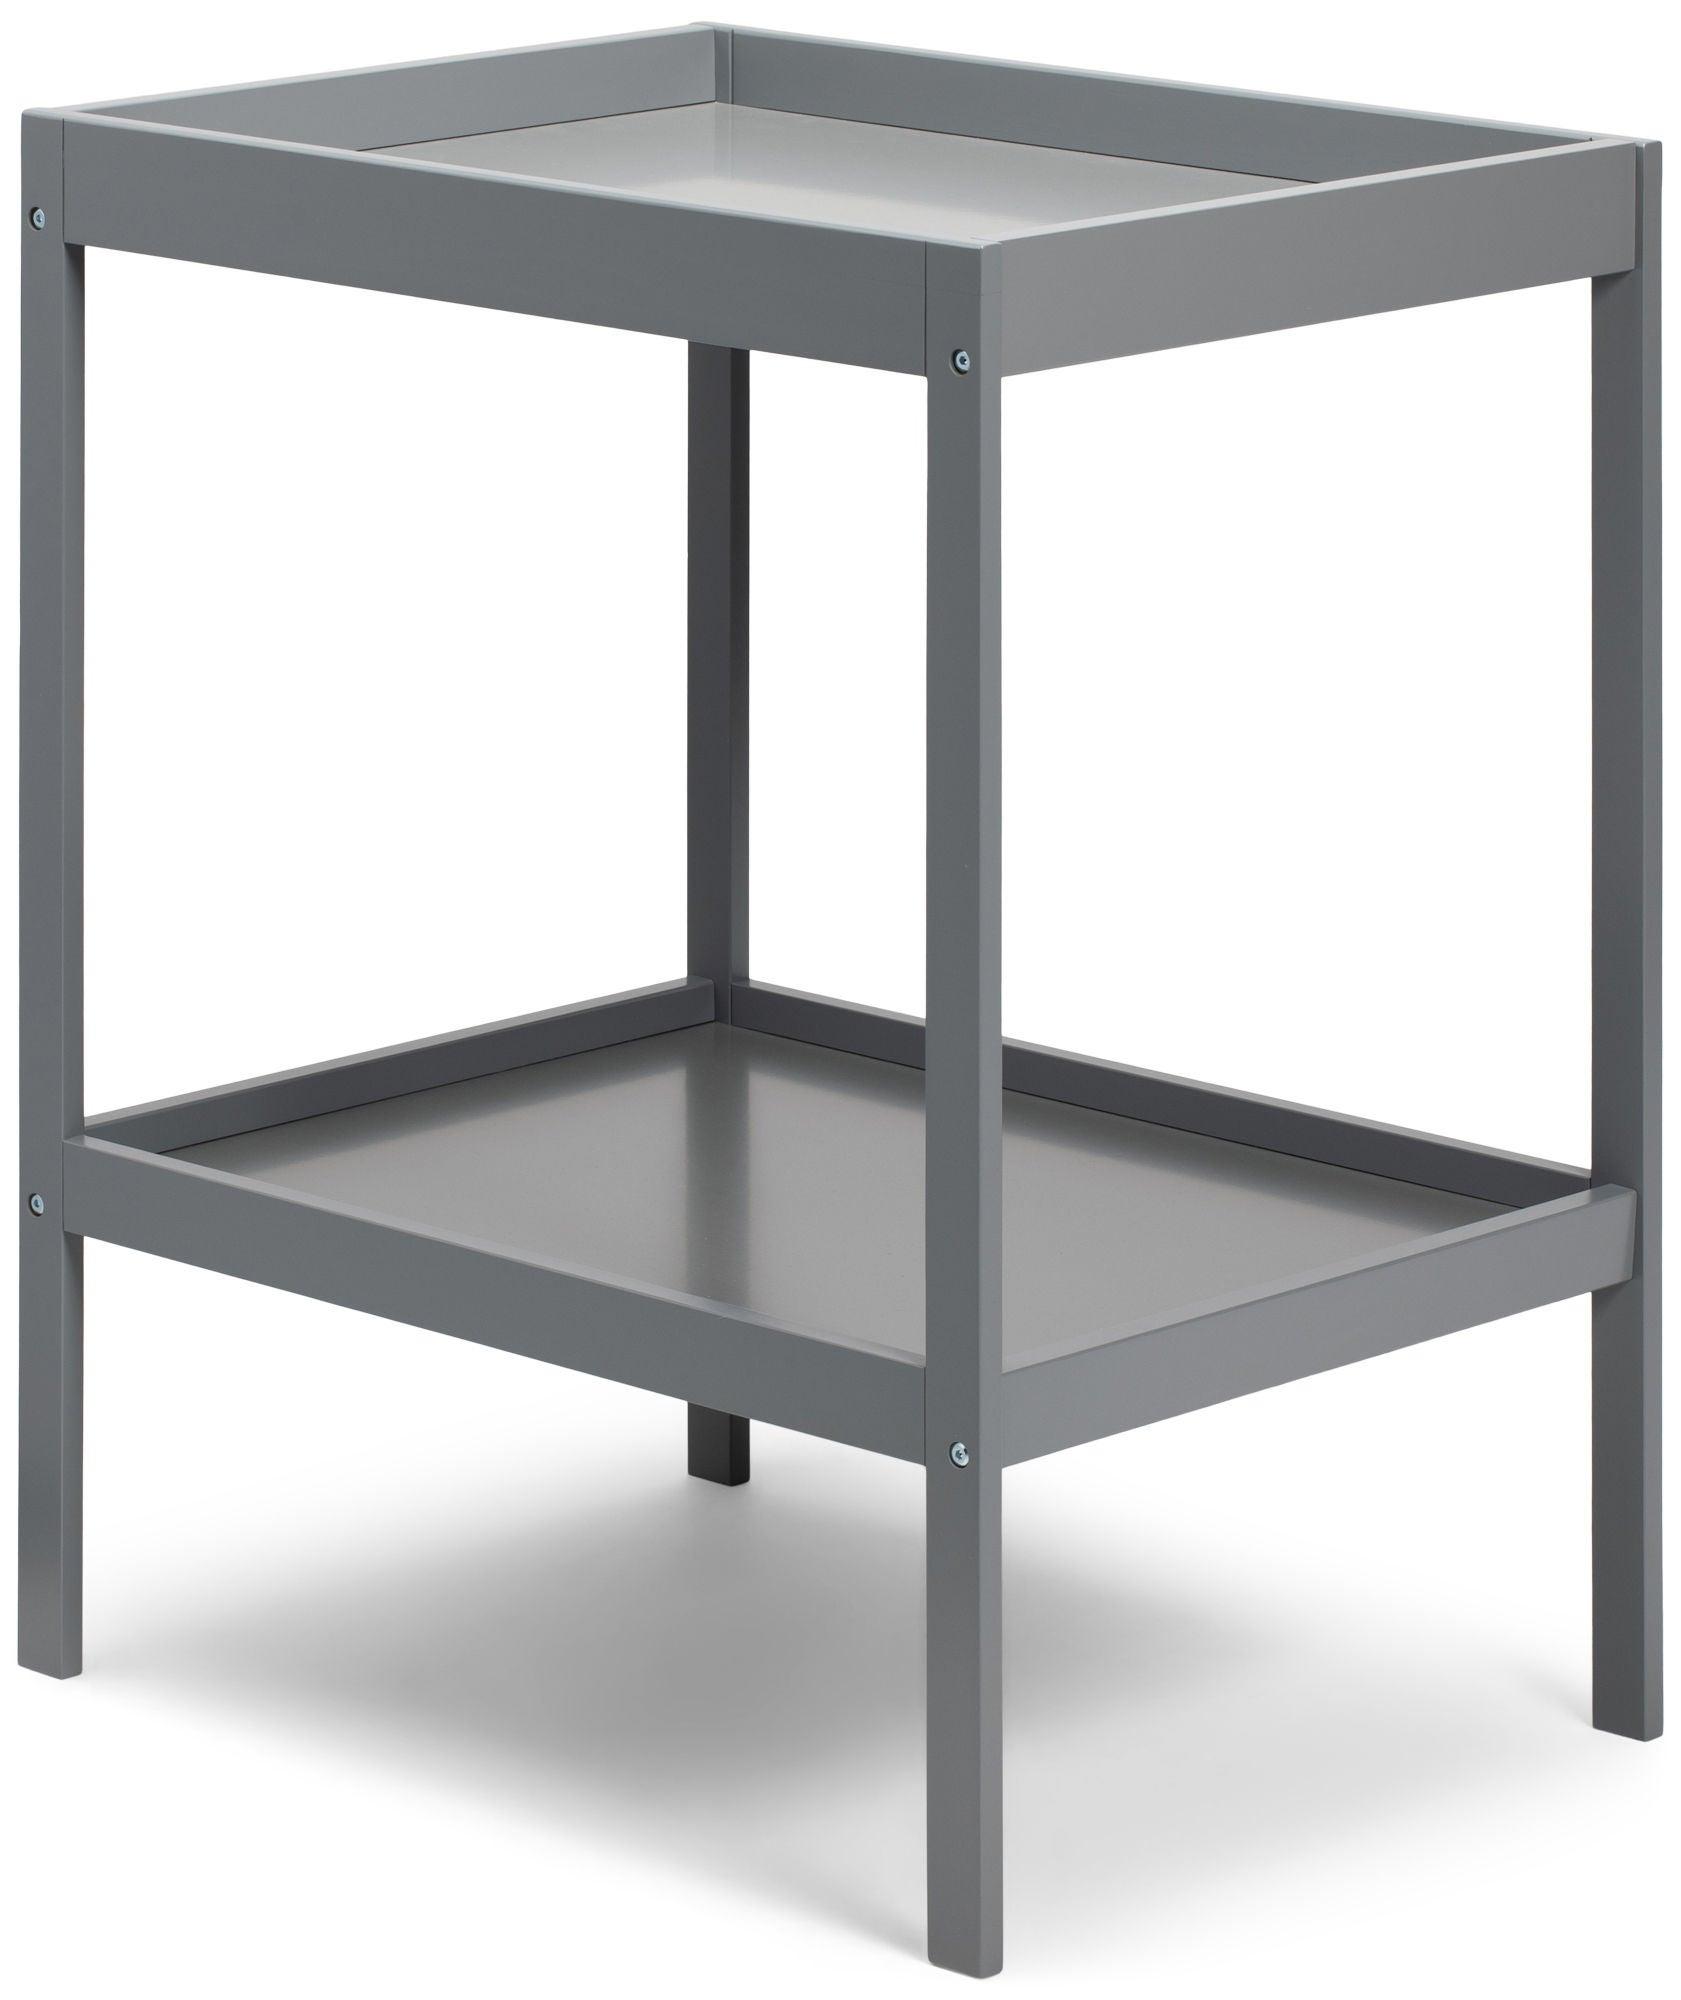 JLY Essential Skötbord, Grå